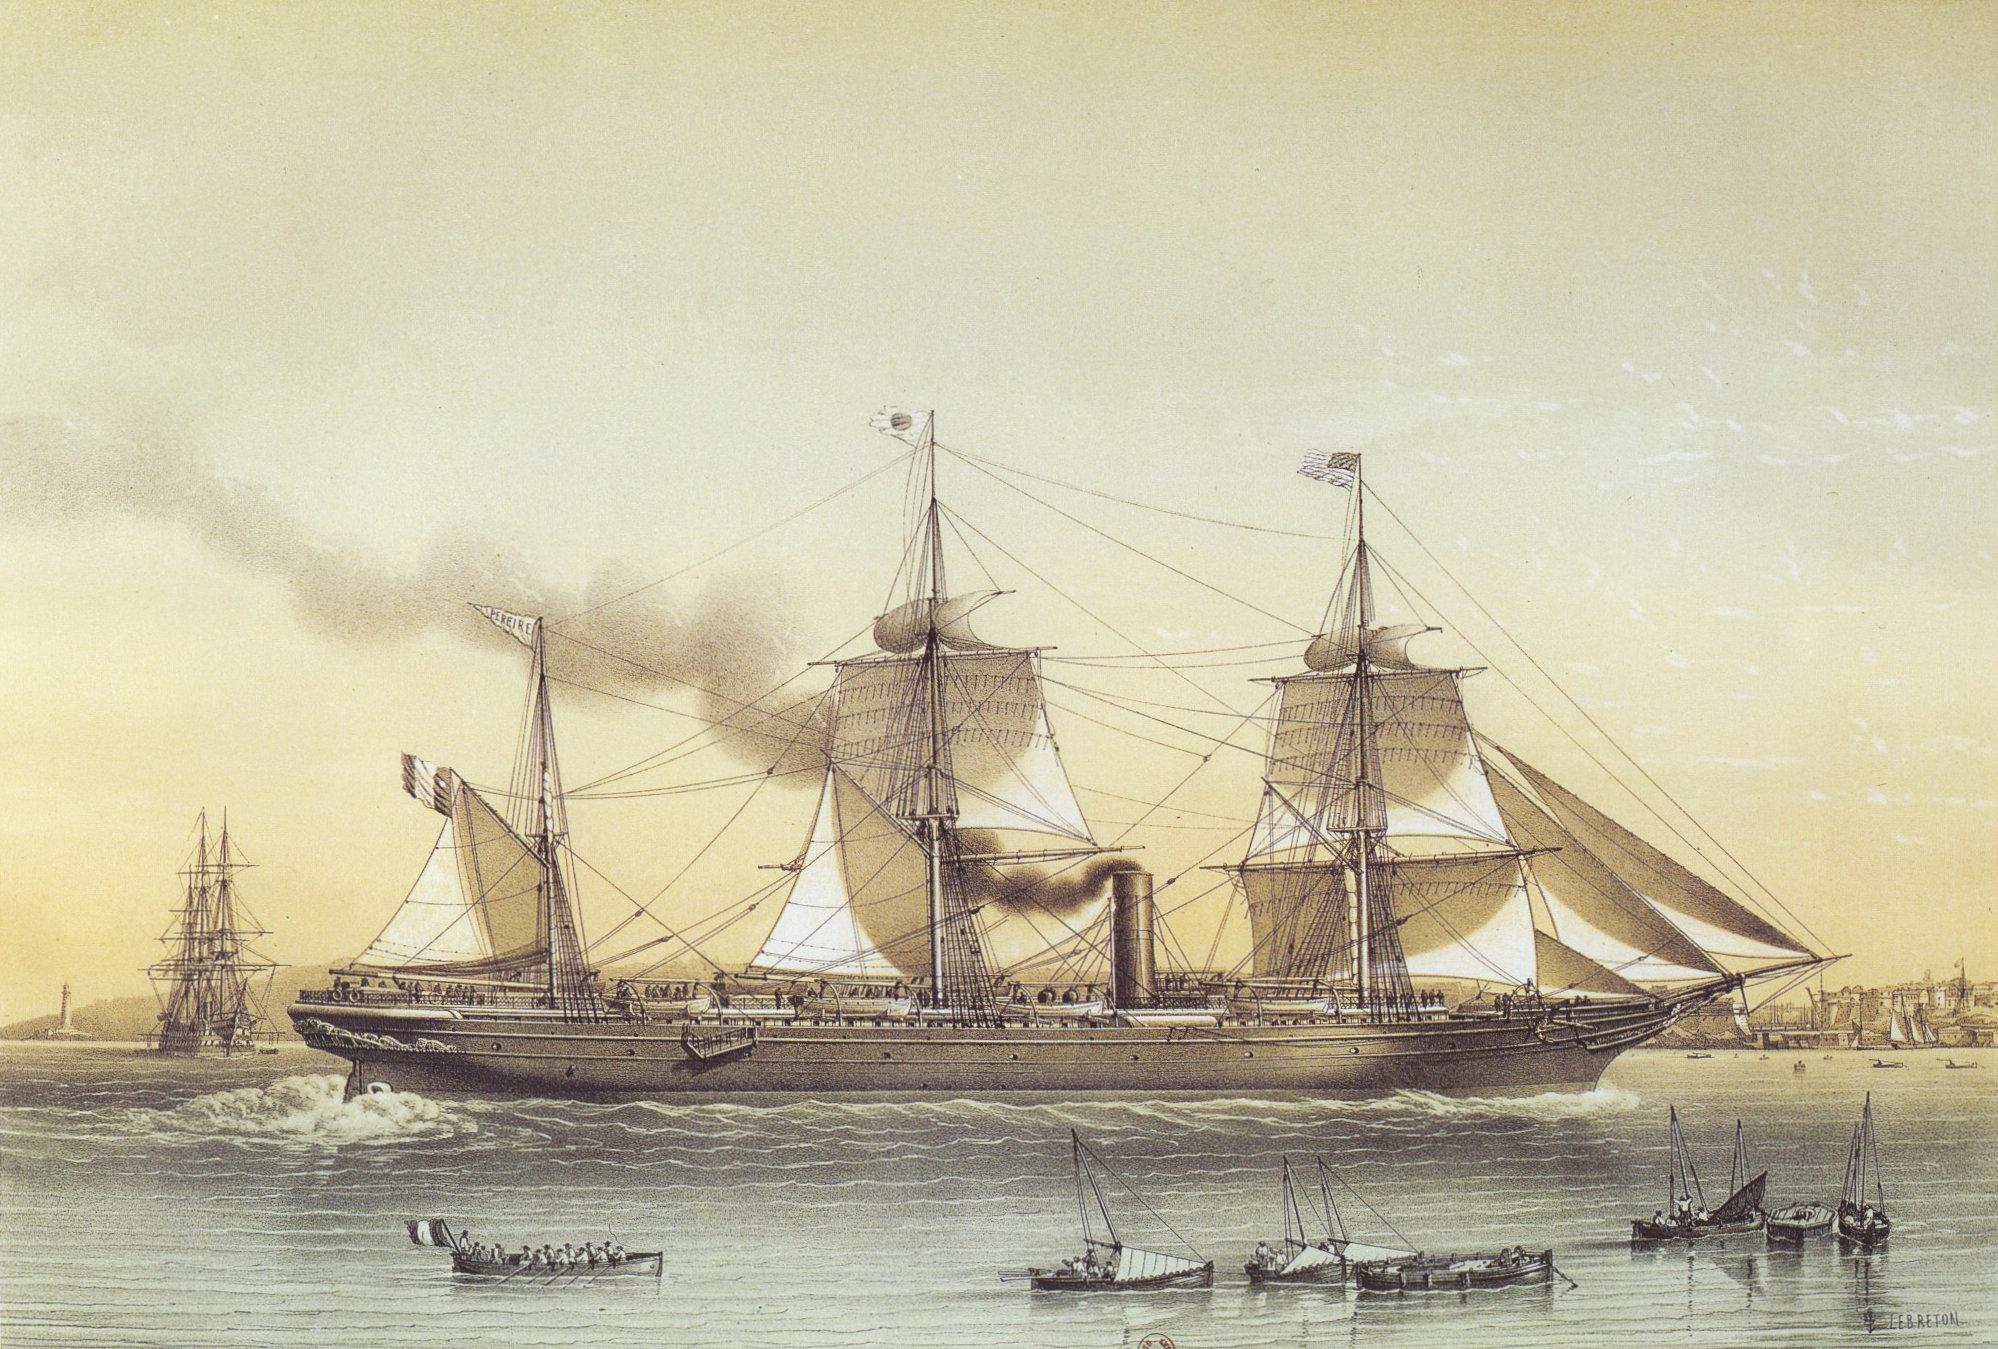 1000 images about steam ship vapeur on pinterest. Black Bedroom Furniture Sets. Home Design Ideas